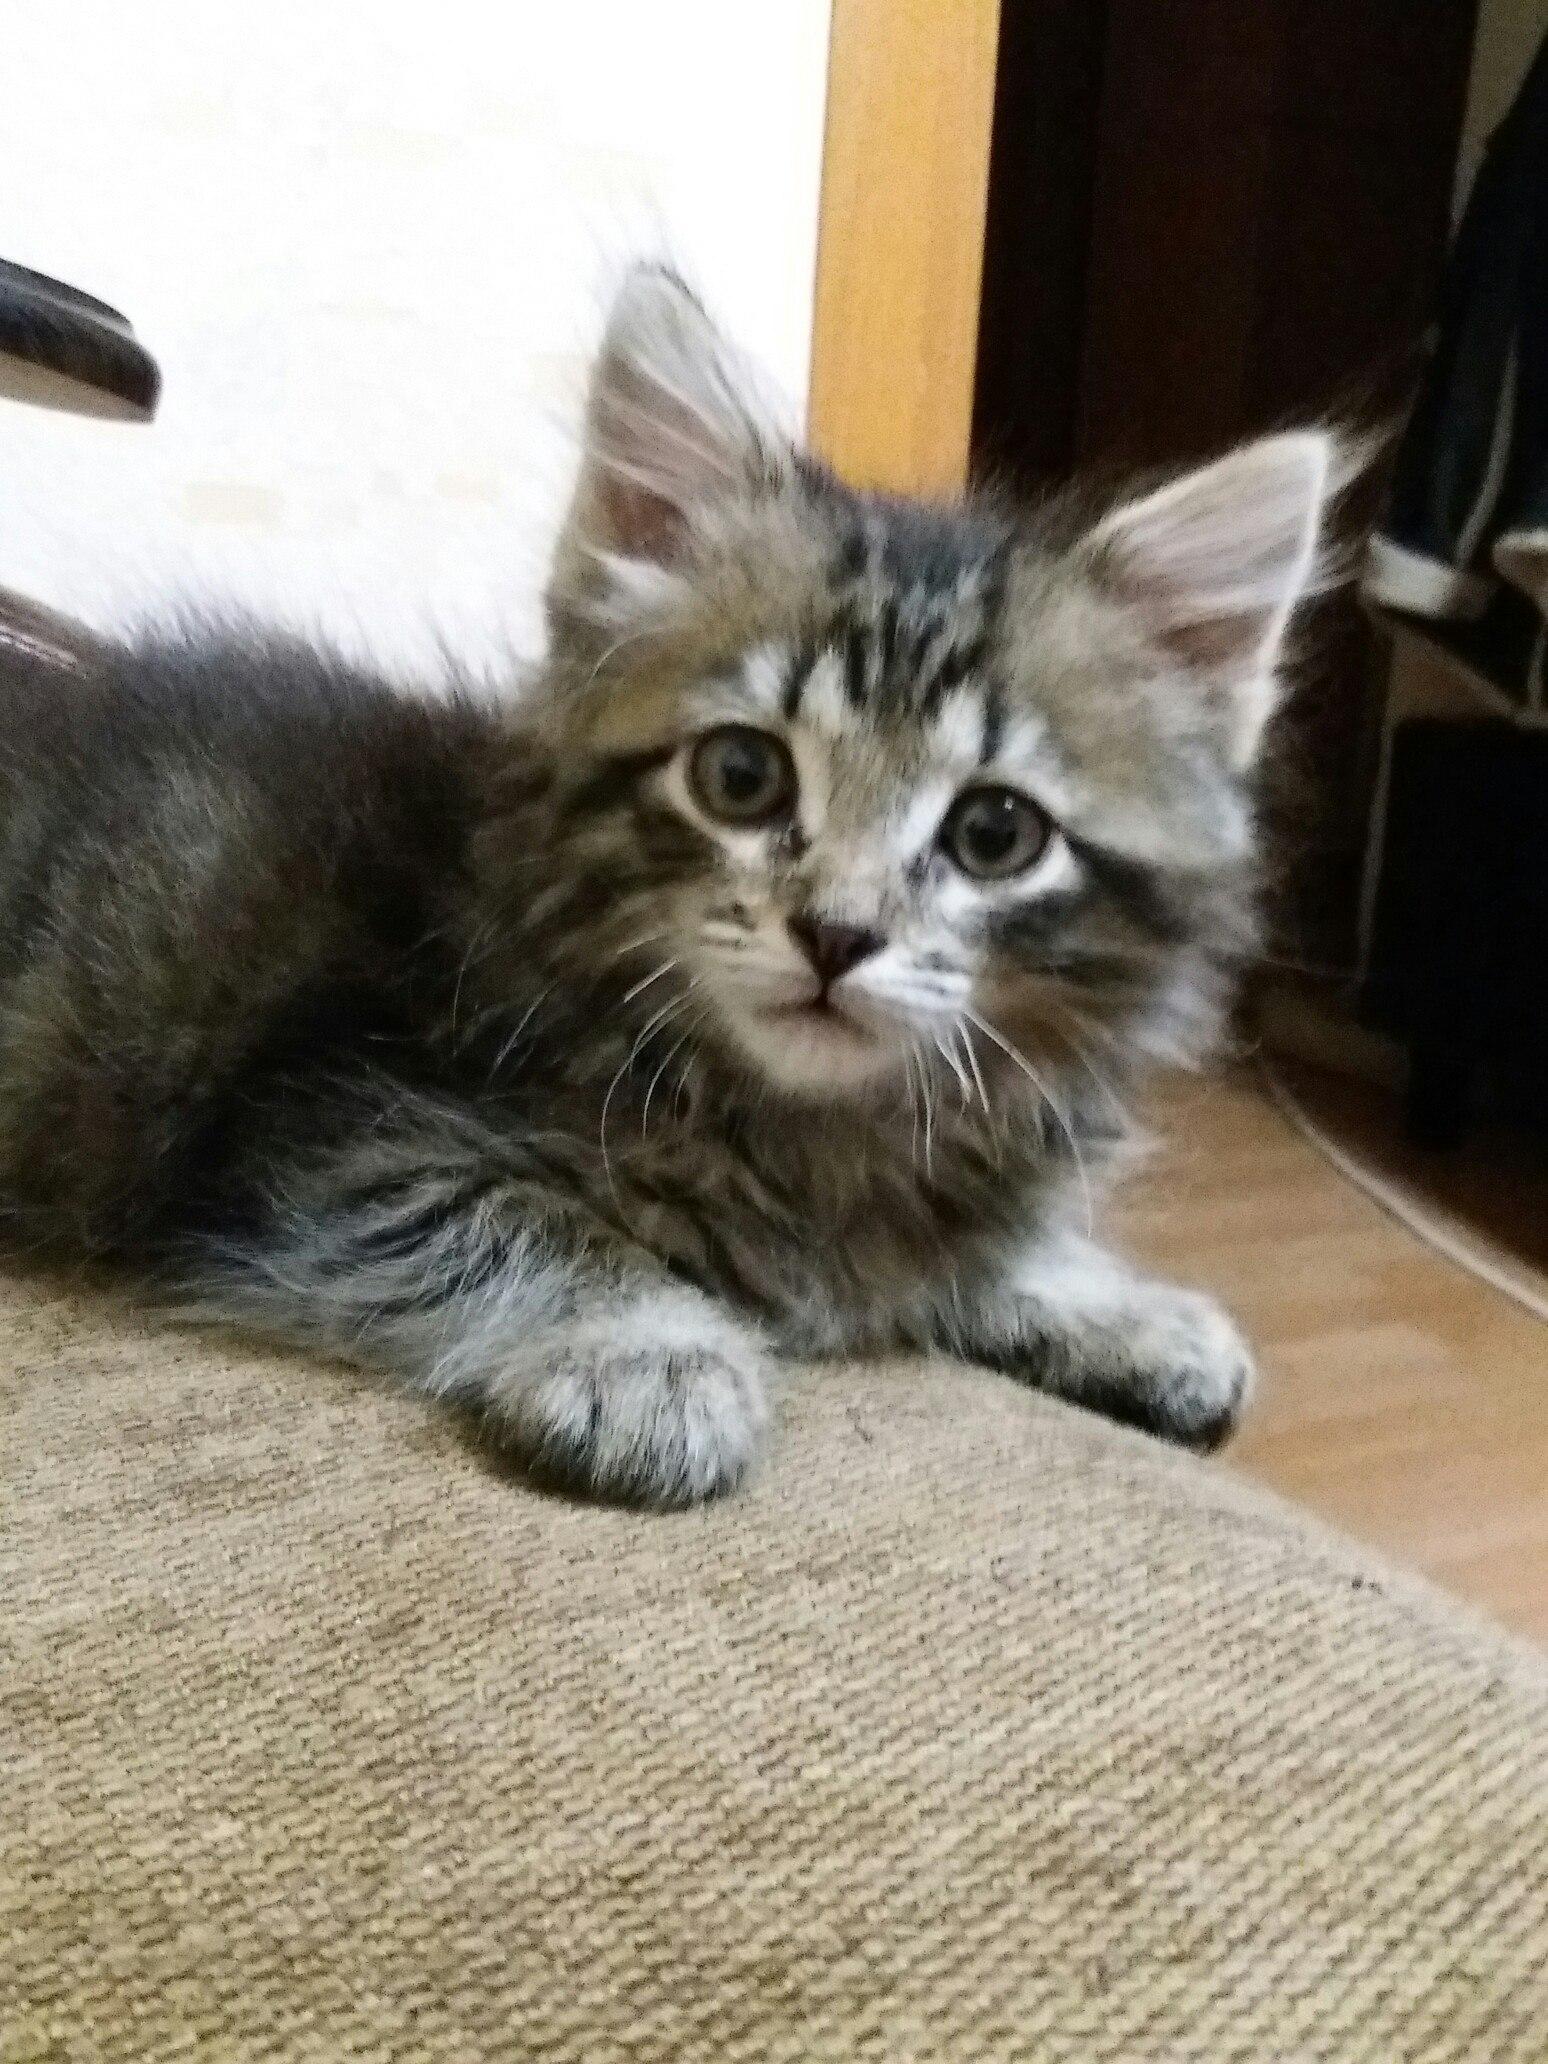 Доброе время суток, нашелся котенок (кот ) где то около 2 месяцев, кушает всё, к лотку приучен, серый, пушистый на улице 1-ой Пролетарской.